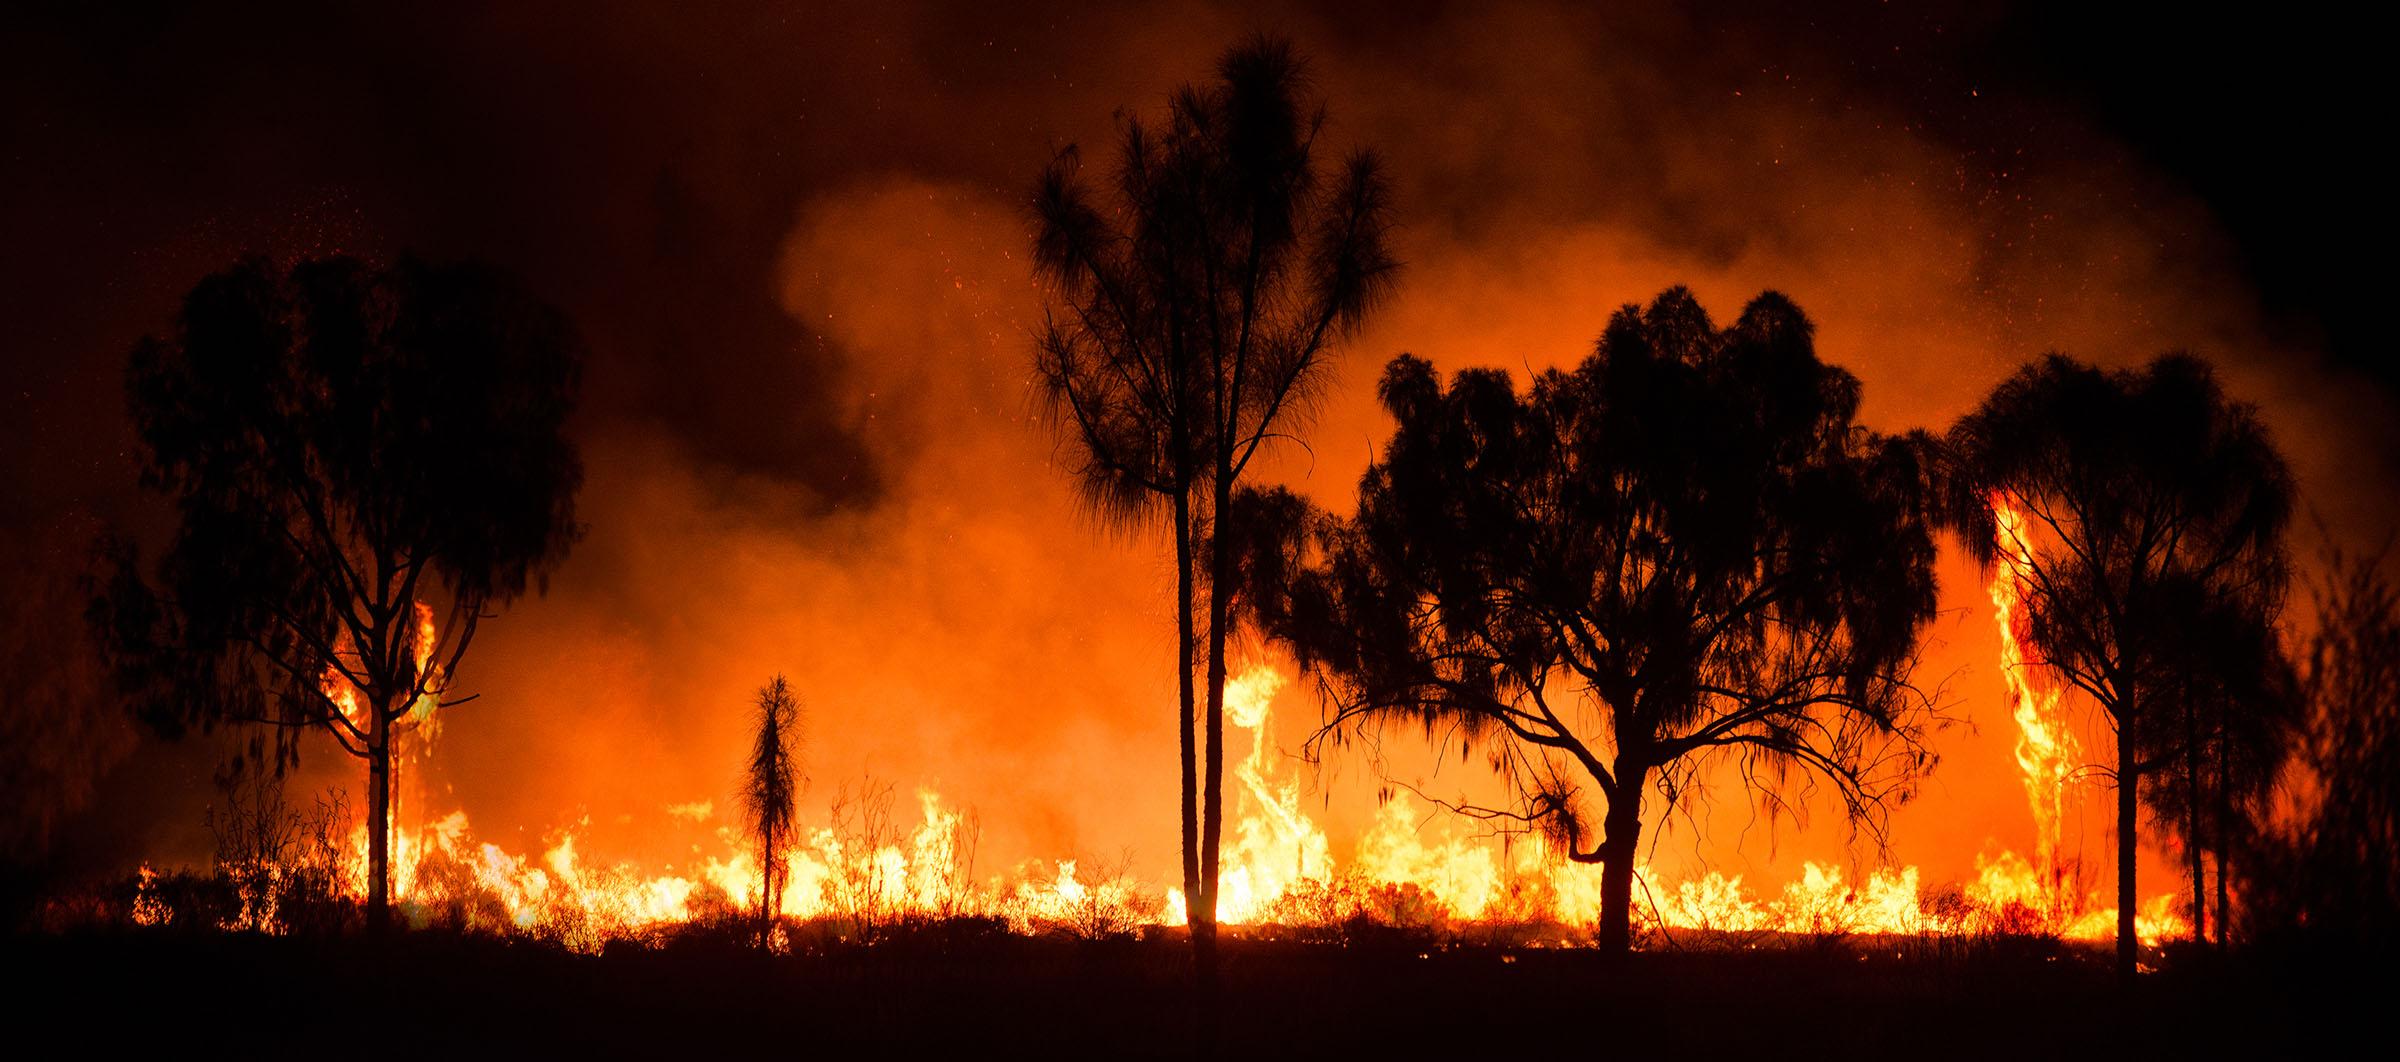 Raising Money for Australian Bushfire charities